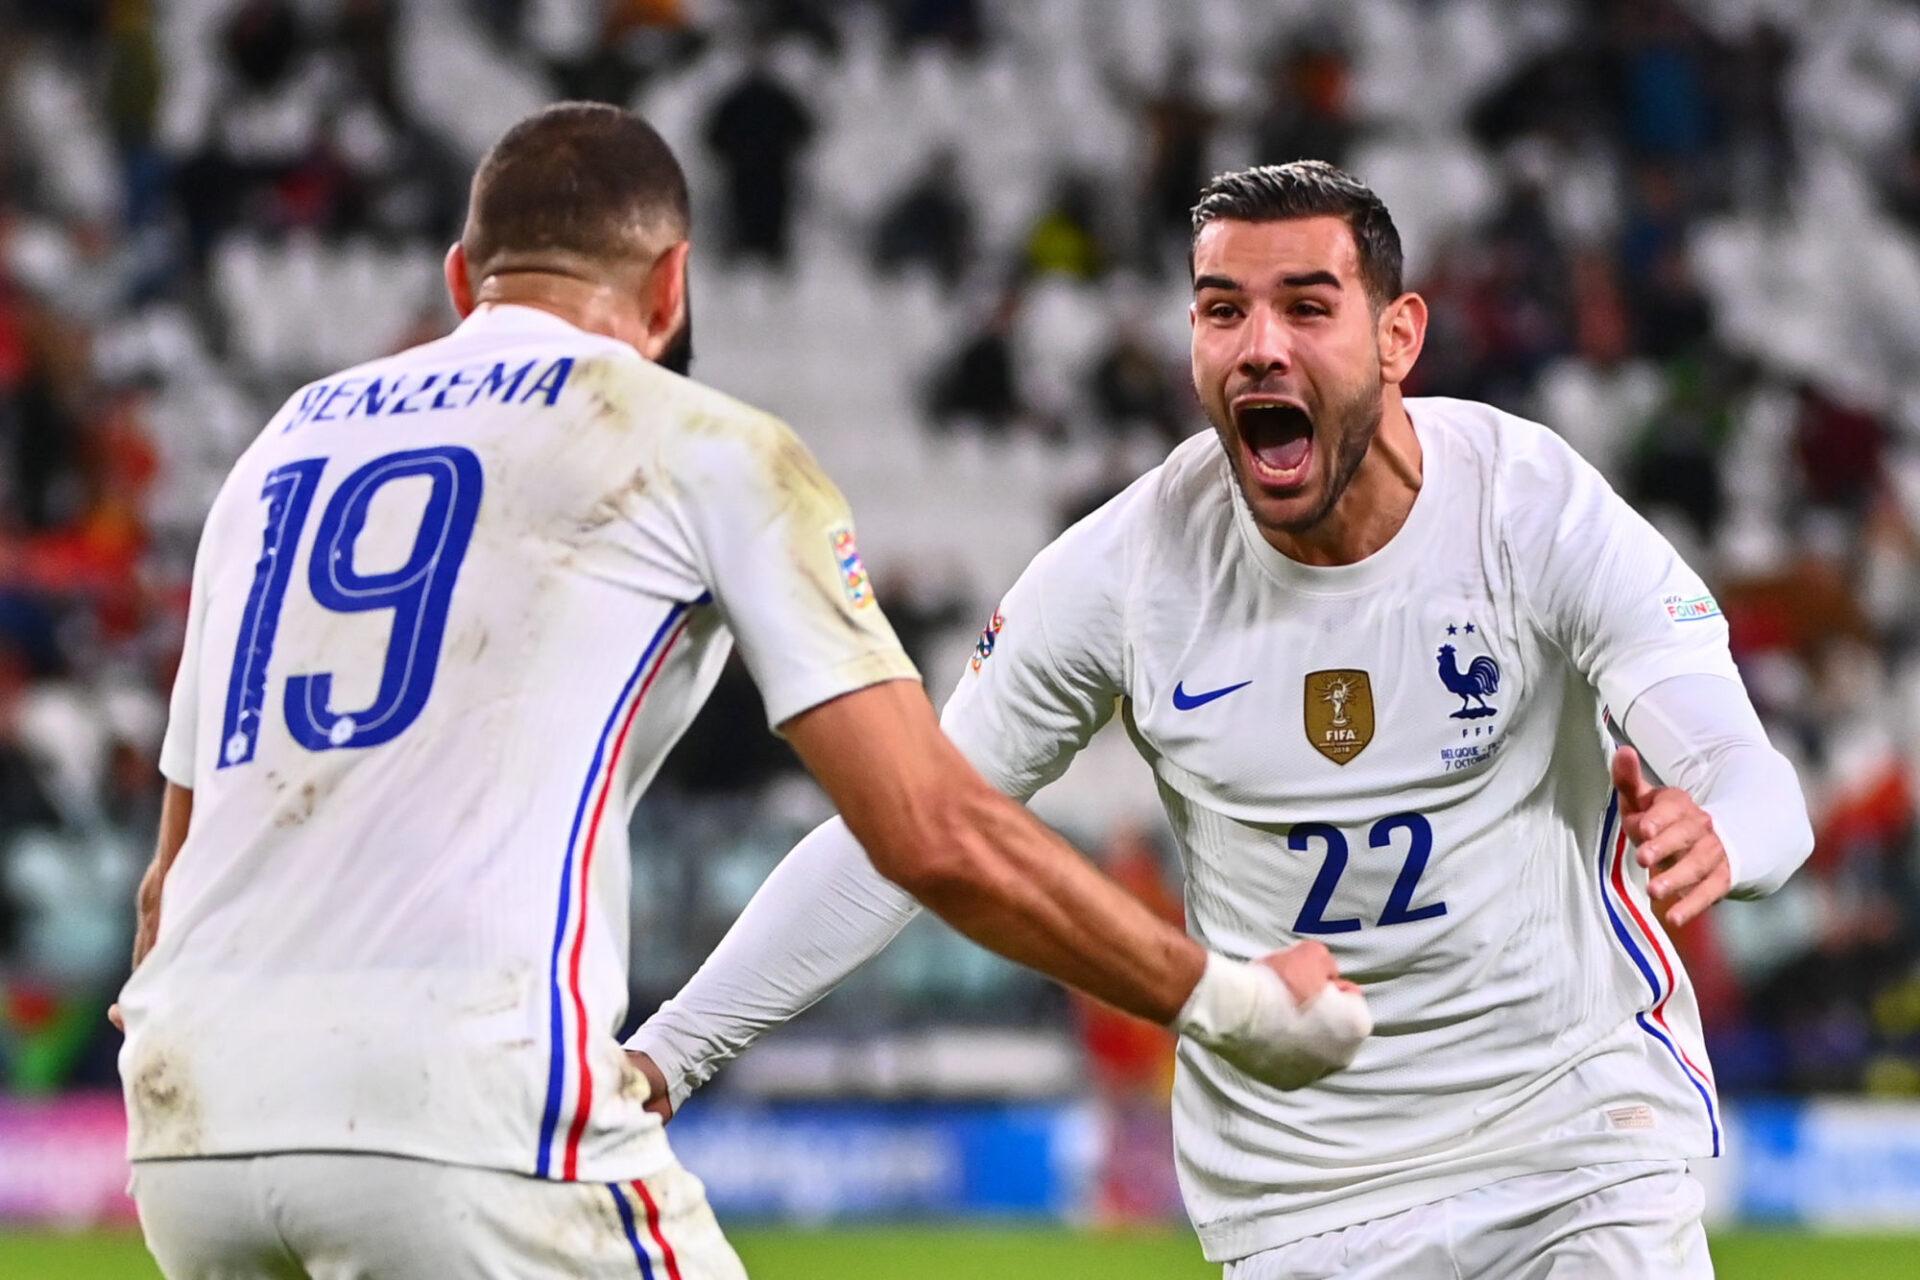 Théo Hernandez a symbolisé le désir brûlant des Bleus de ne pas se contenter du match nul et d'aller chercher la victoire. Icon Sport